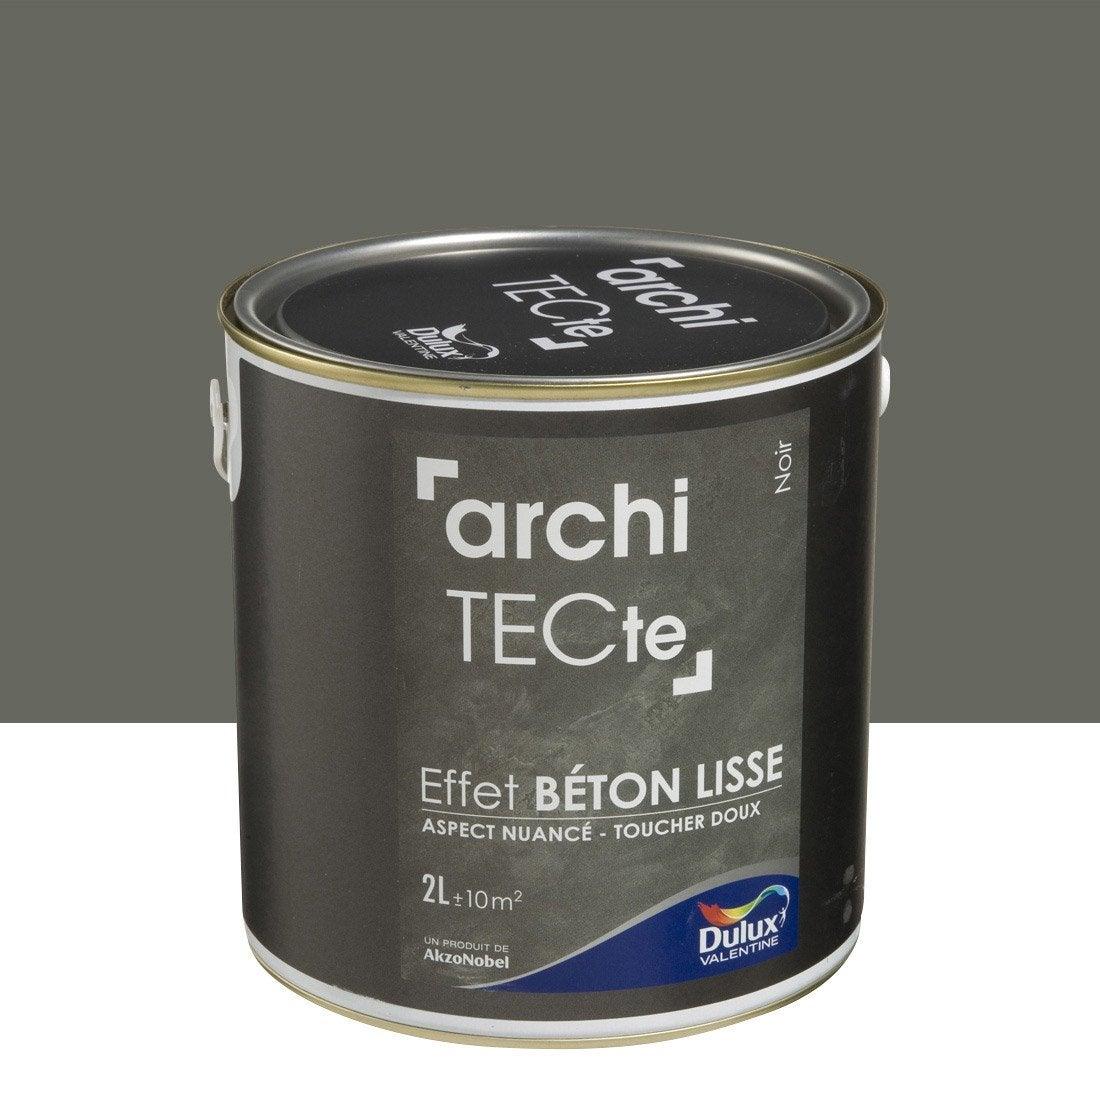 peinture effet architecte effet b ton dulux valentine noir 2 l leroy merlin. Black Bedroom Furniture Sets. Home Design Ideas